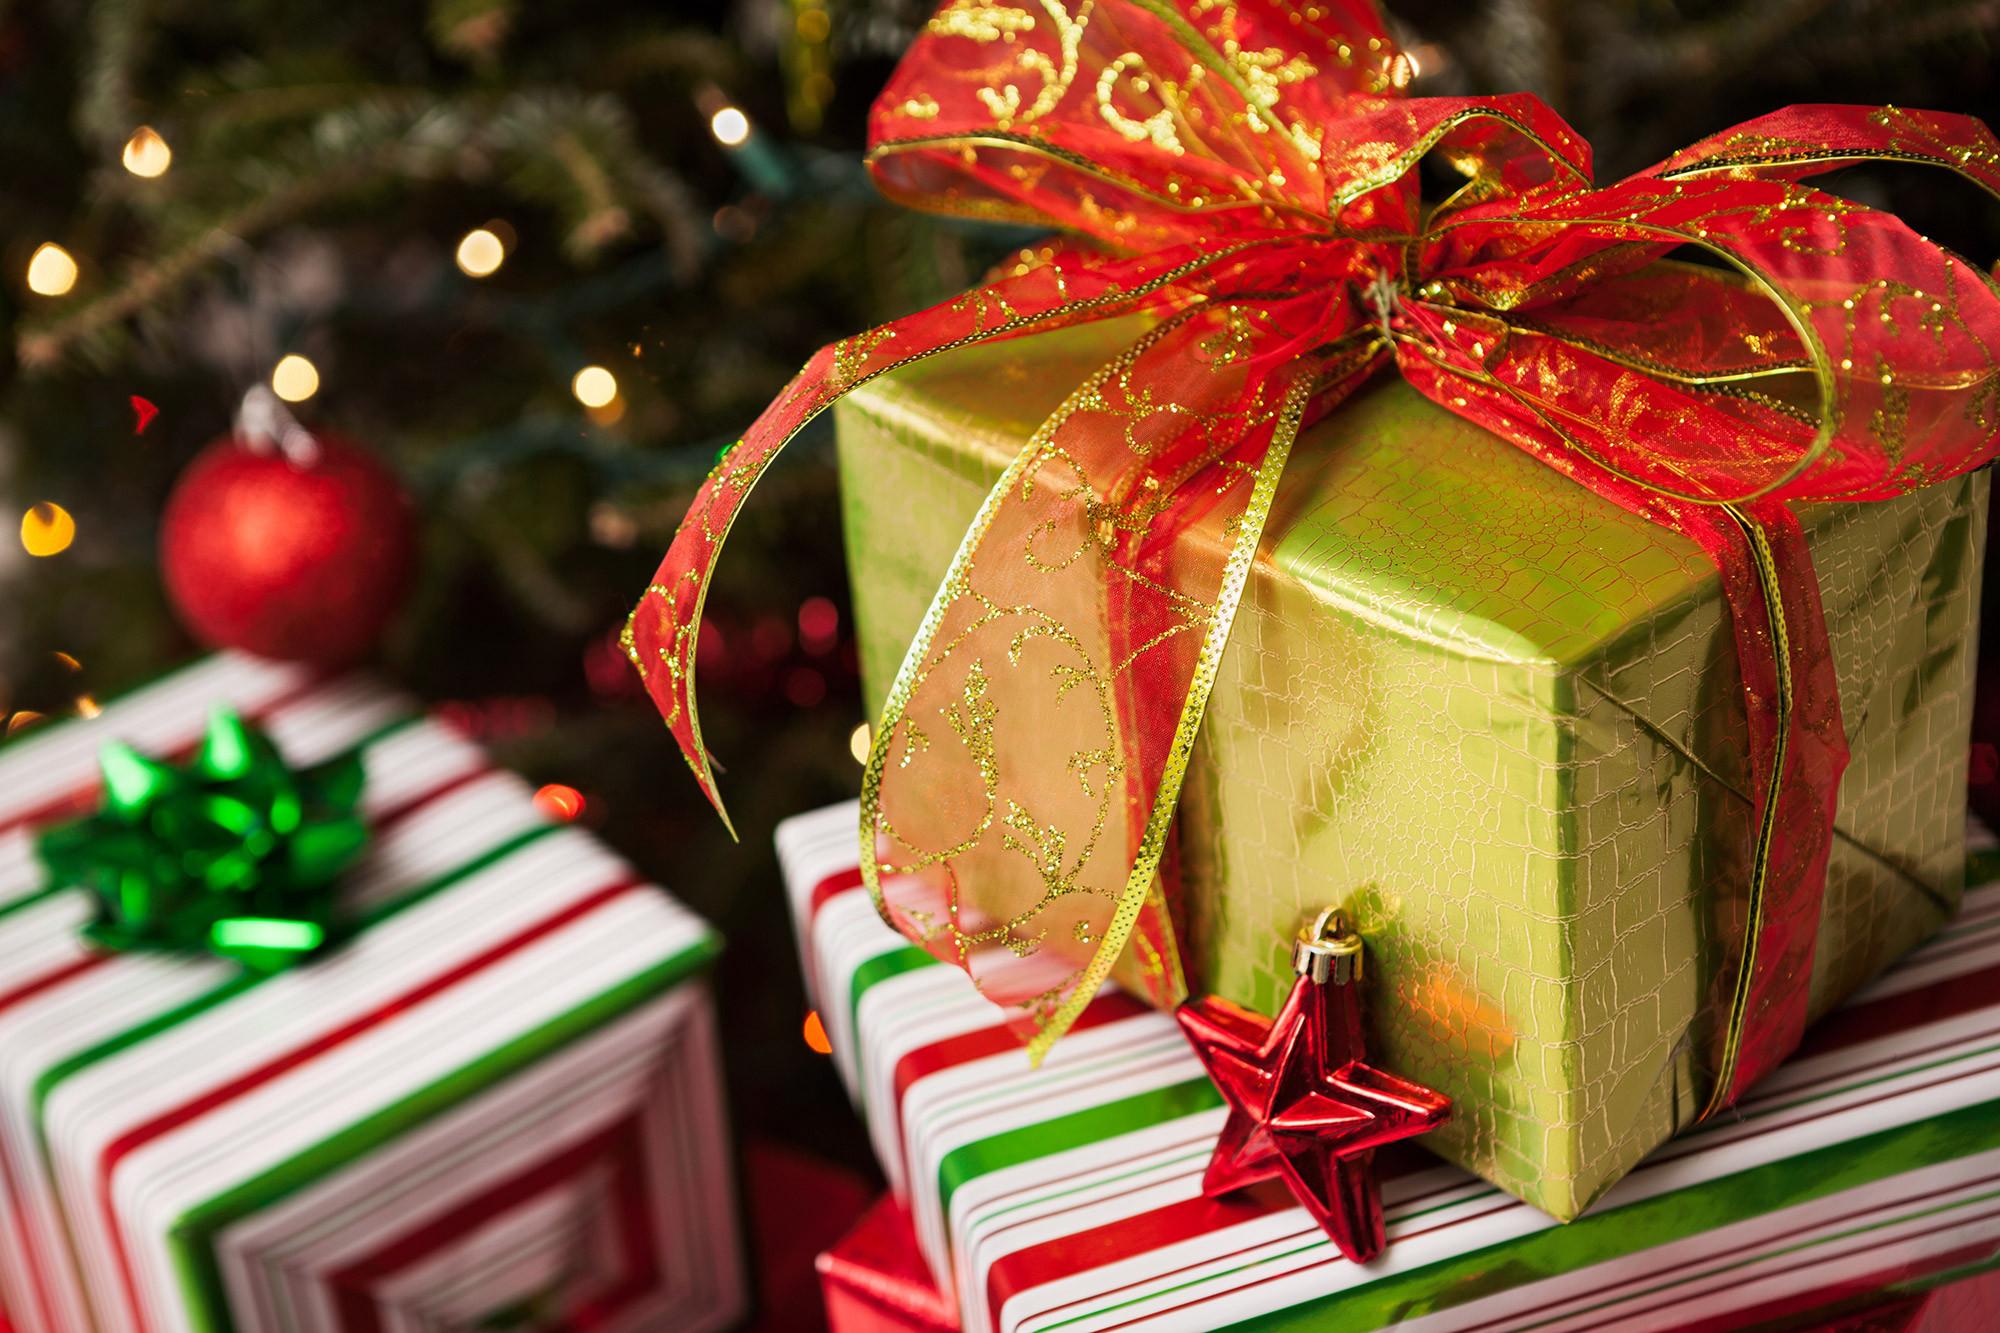 Weihnachten Geschenke  Weihnachten 2016 Diese Geschenke landen unter dem Baum